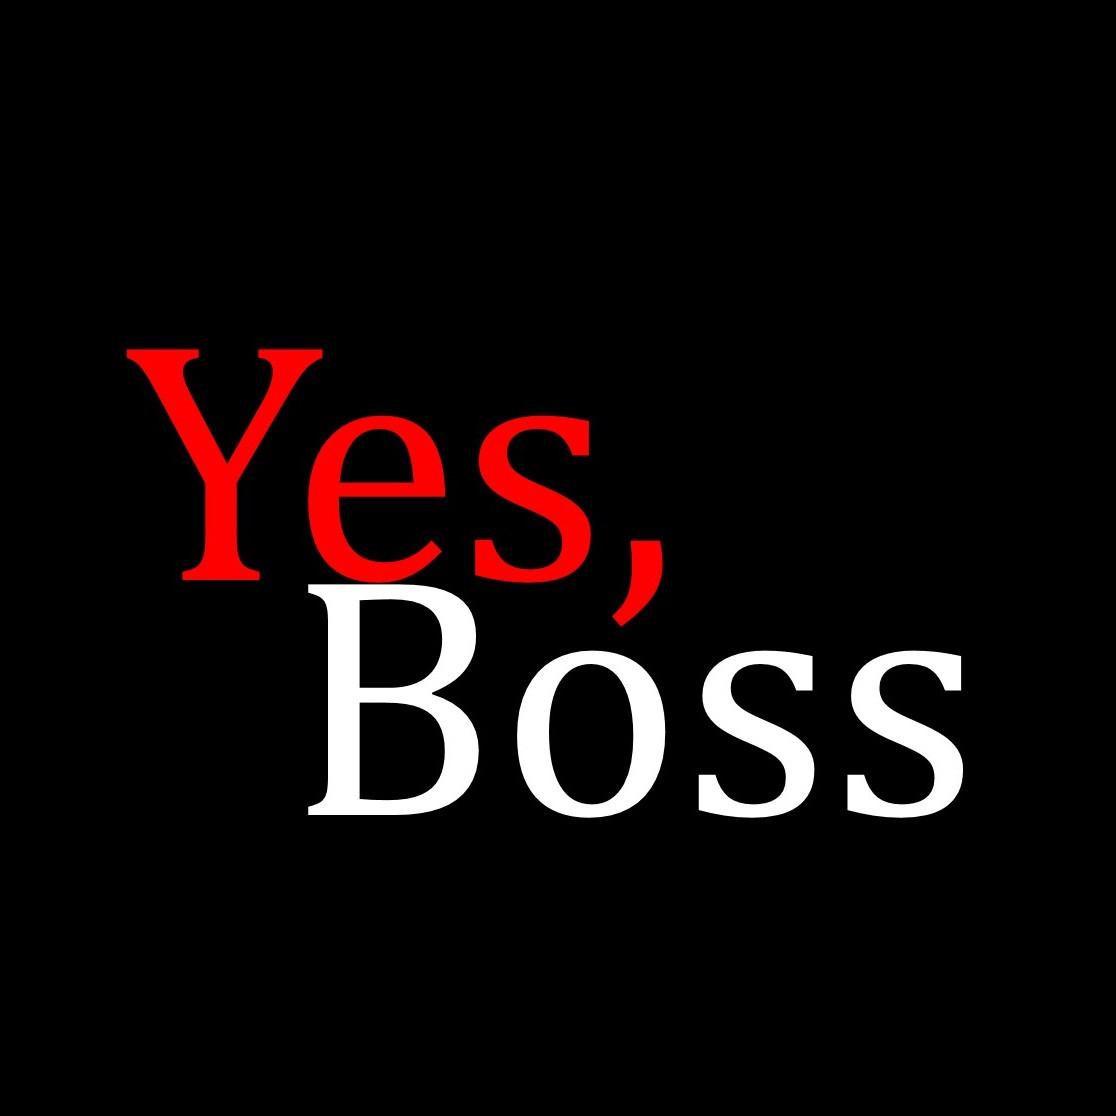 Boss мужской клуб отзывы клубы москвы проститутки